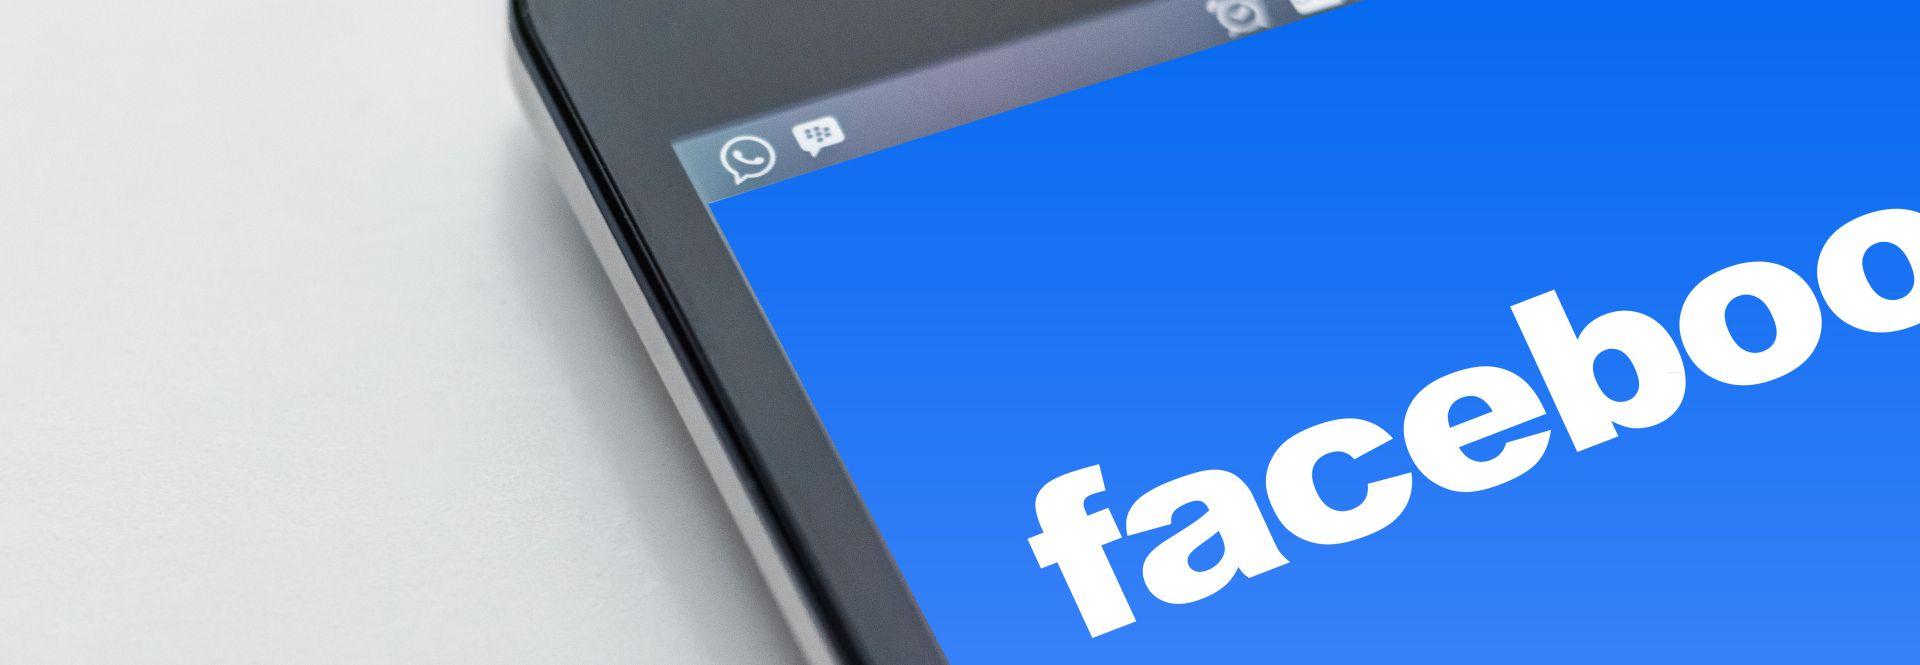 Facebook: ¿Una cuestión de buena fe?